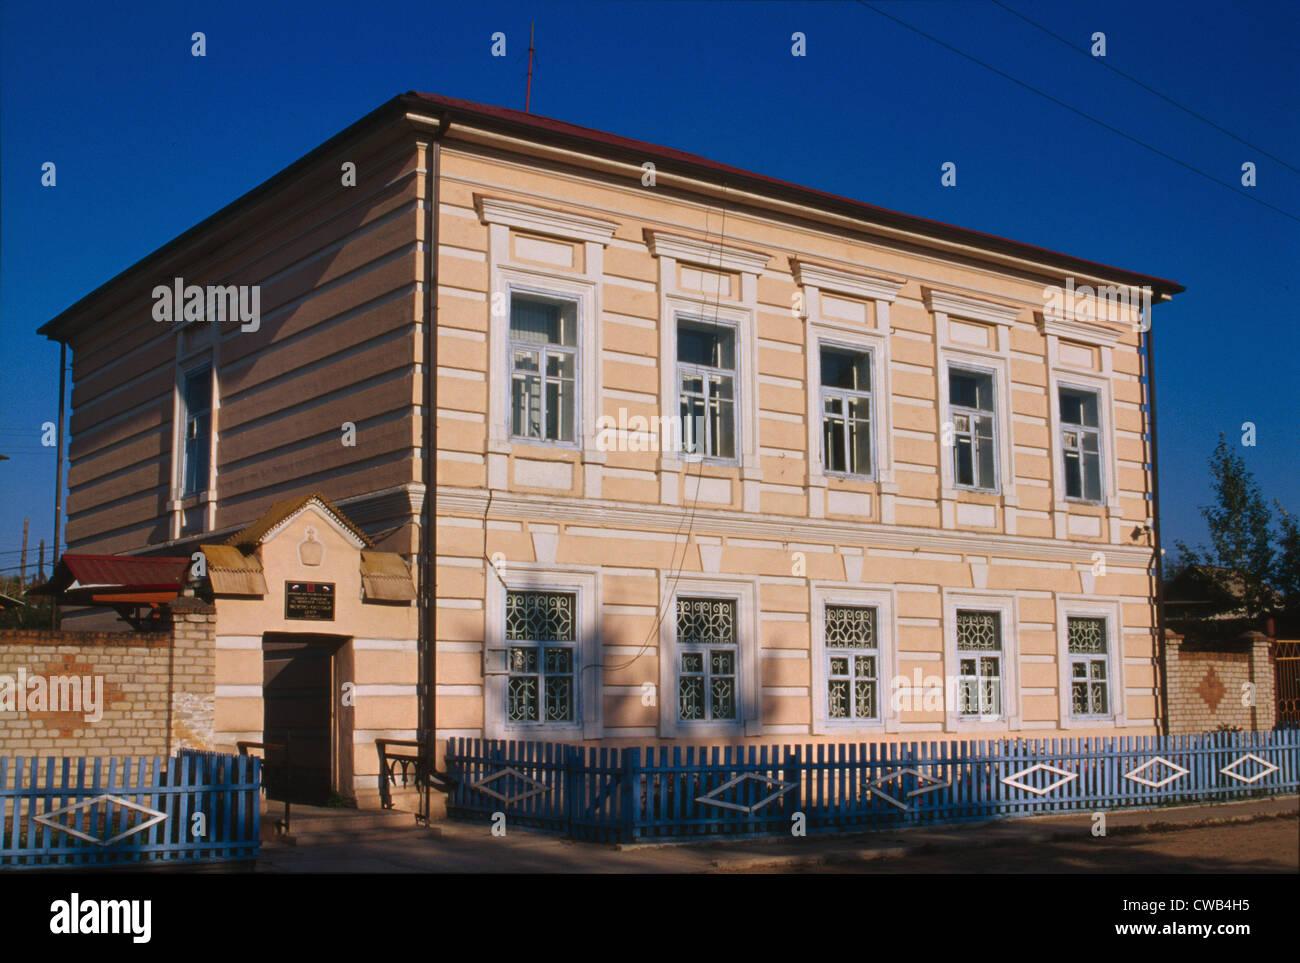 Russian post office, costruita a metà del XIX secolo, Nerchinsk, Russia, fotografia di William Brumfield Craft, Foto Stock